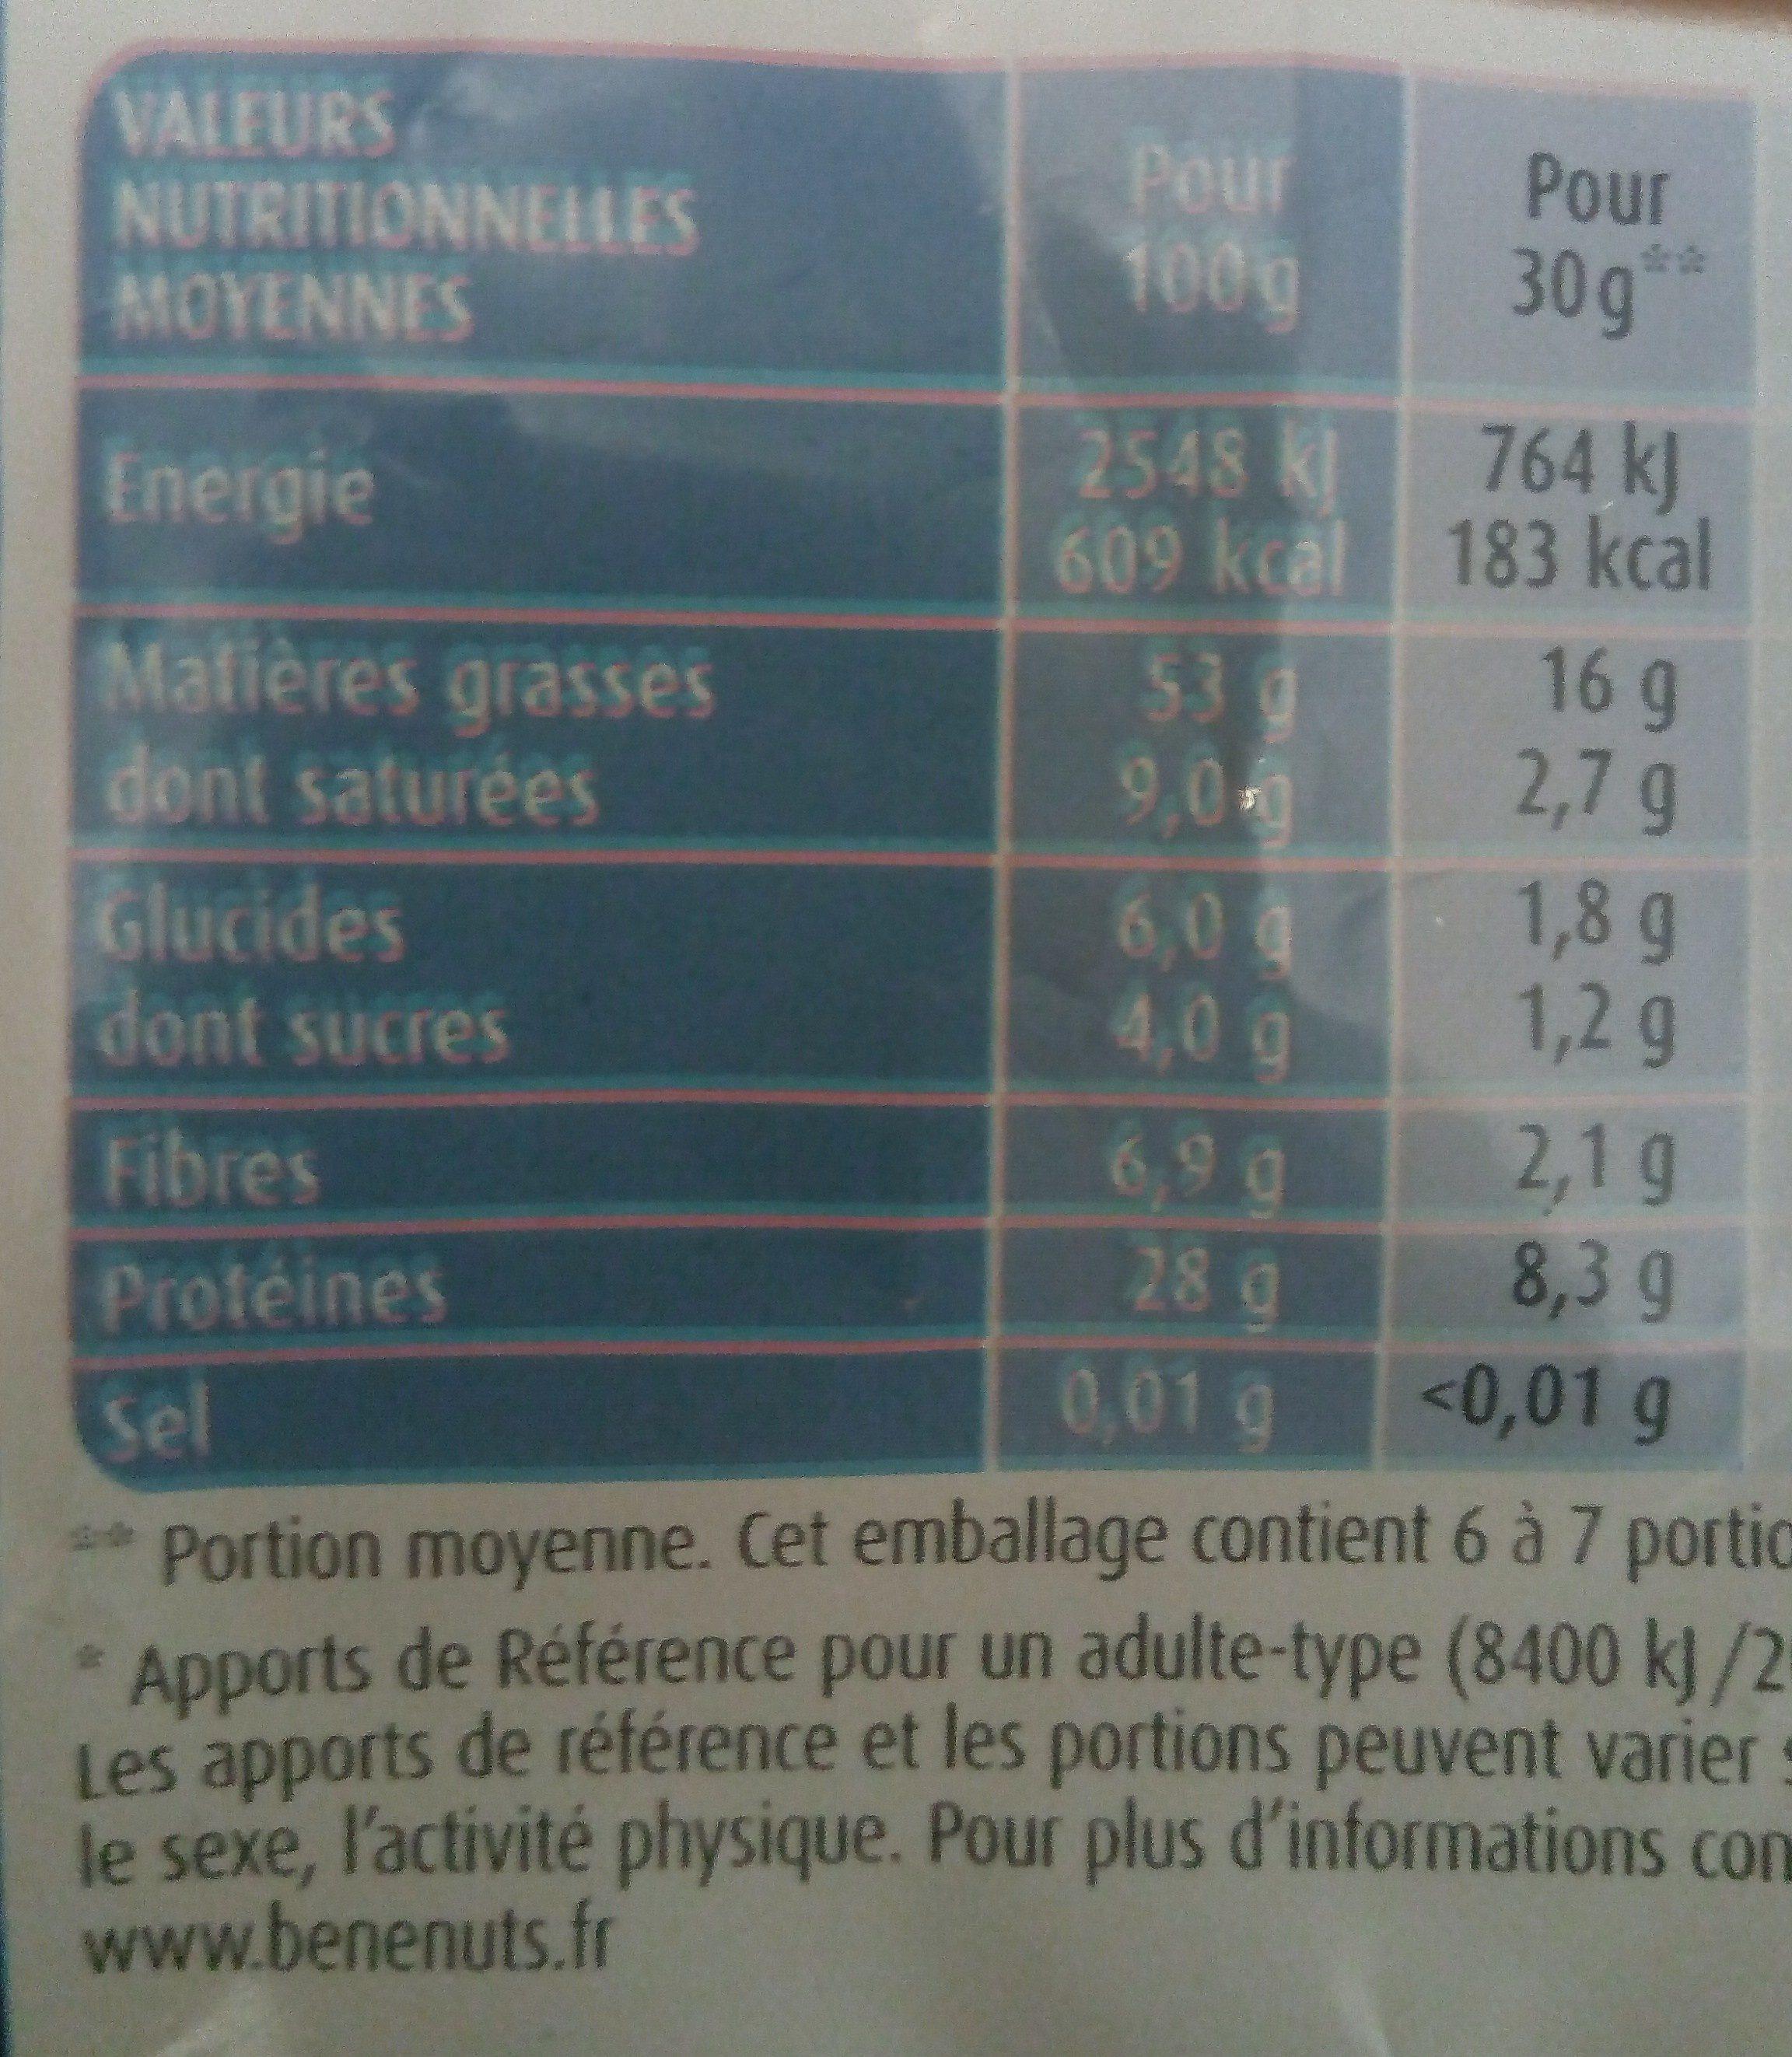 Cacahuètes non salées - Informations nutritionnelles